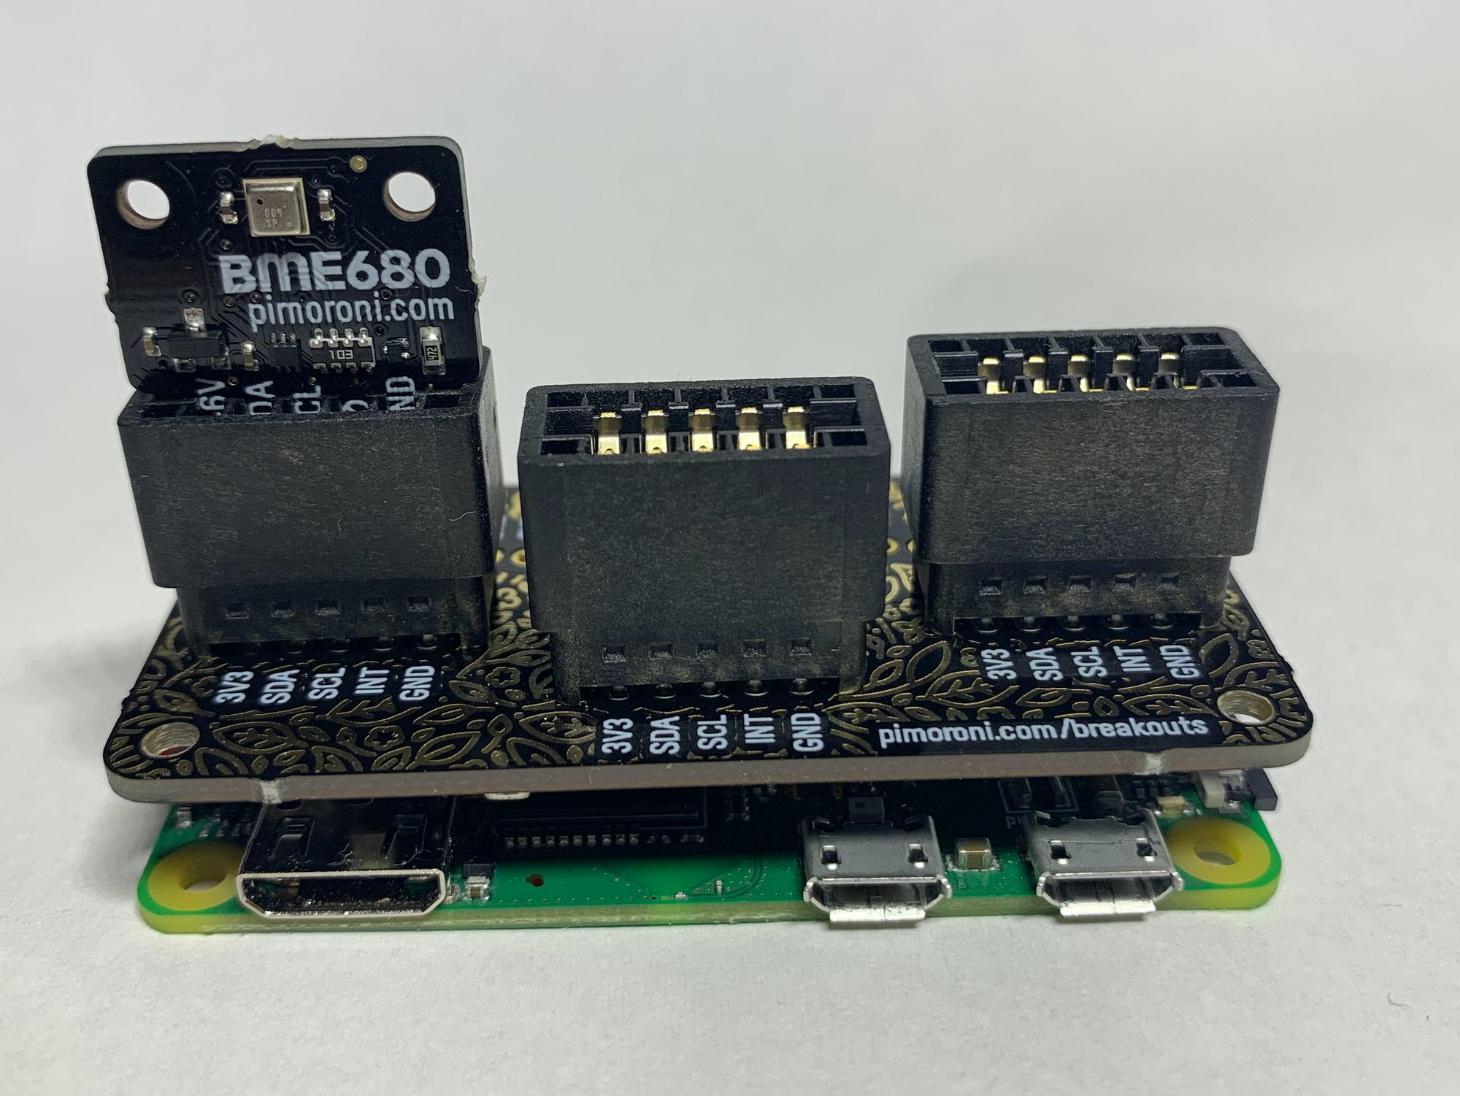 空気を読む BME680とRaspberrypi Zero W + Stack drive